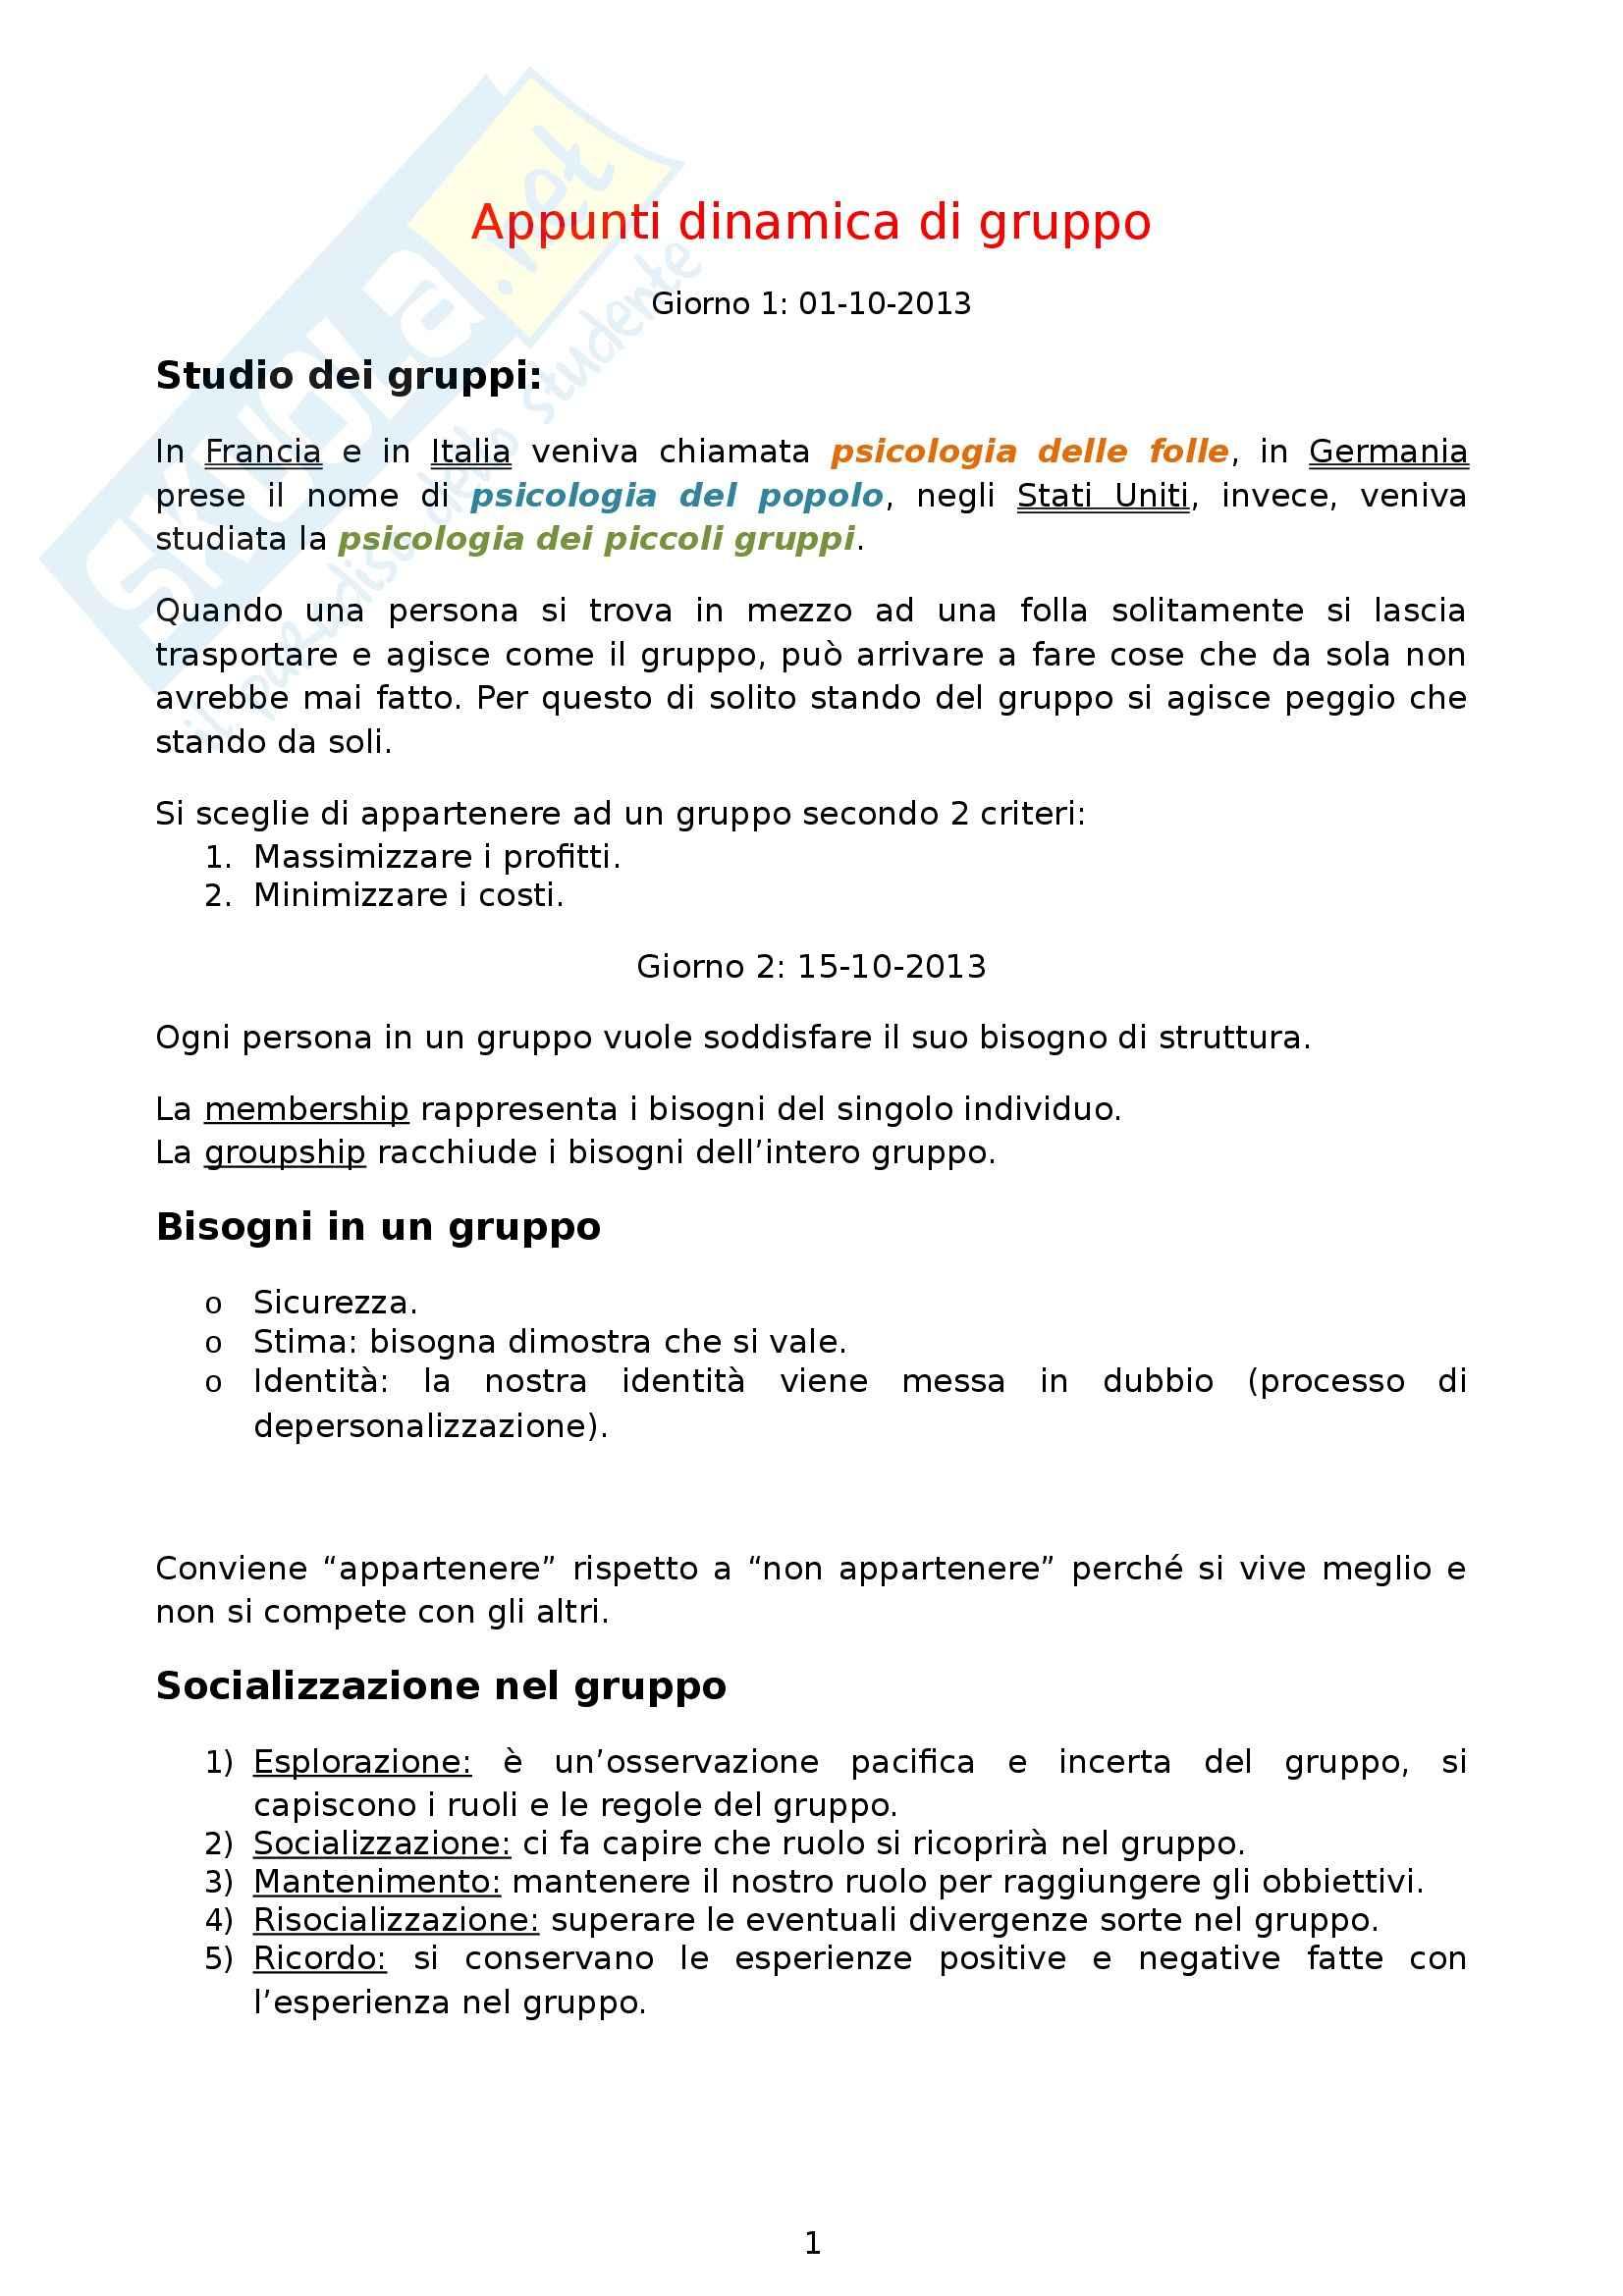 Laboratorio dinamica di gruppo